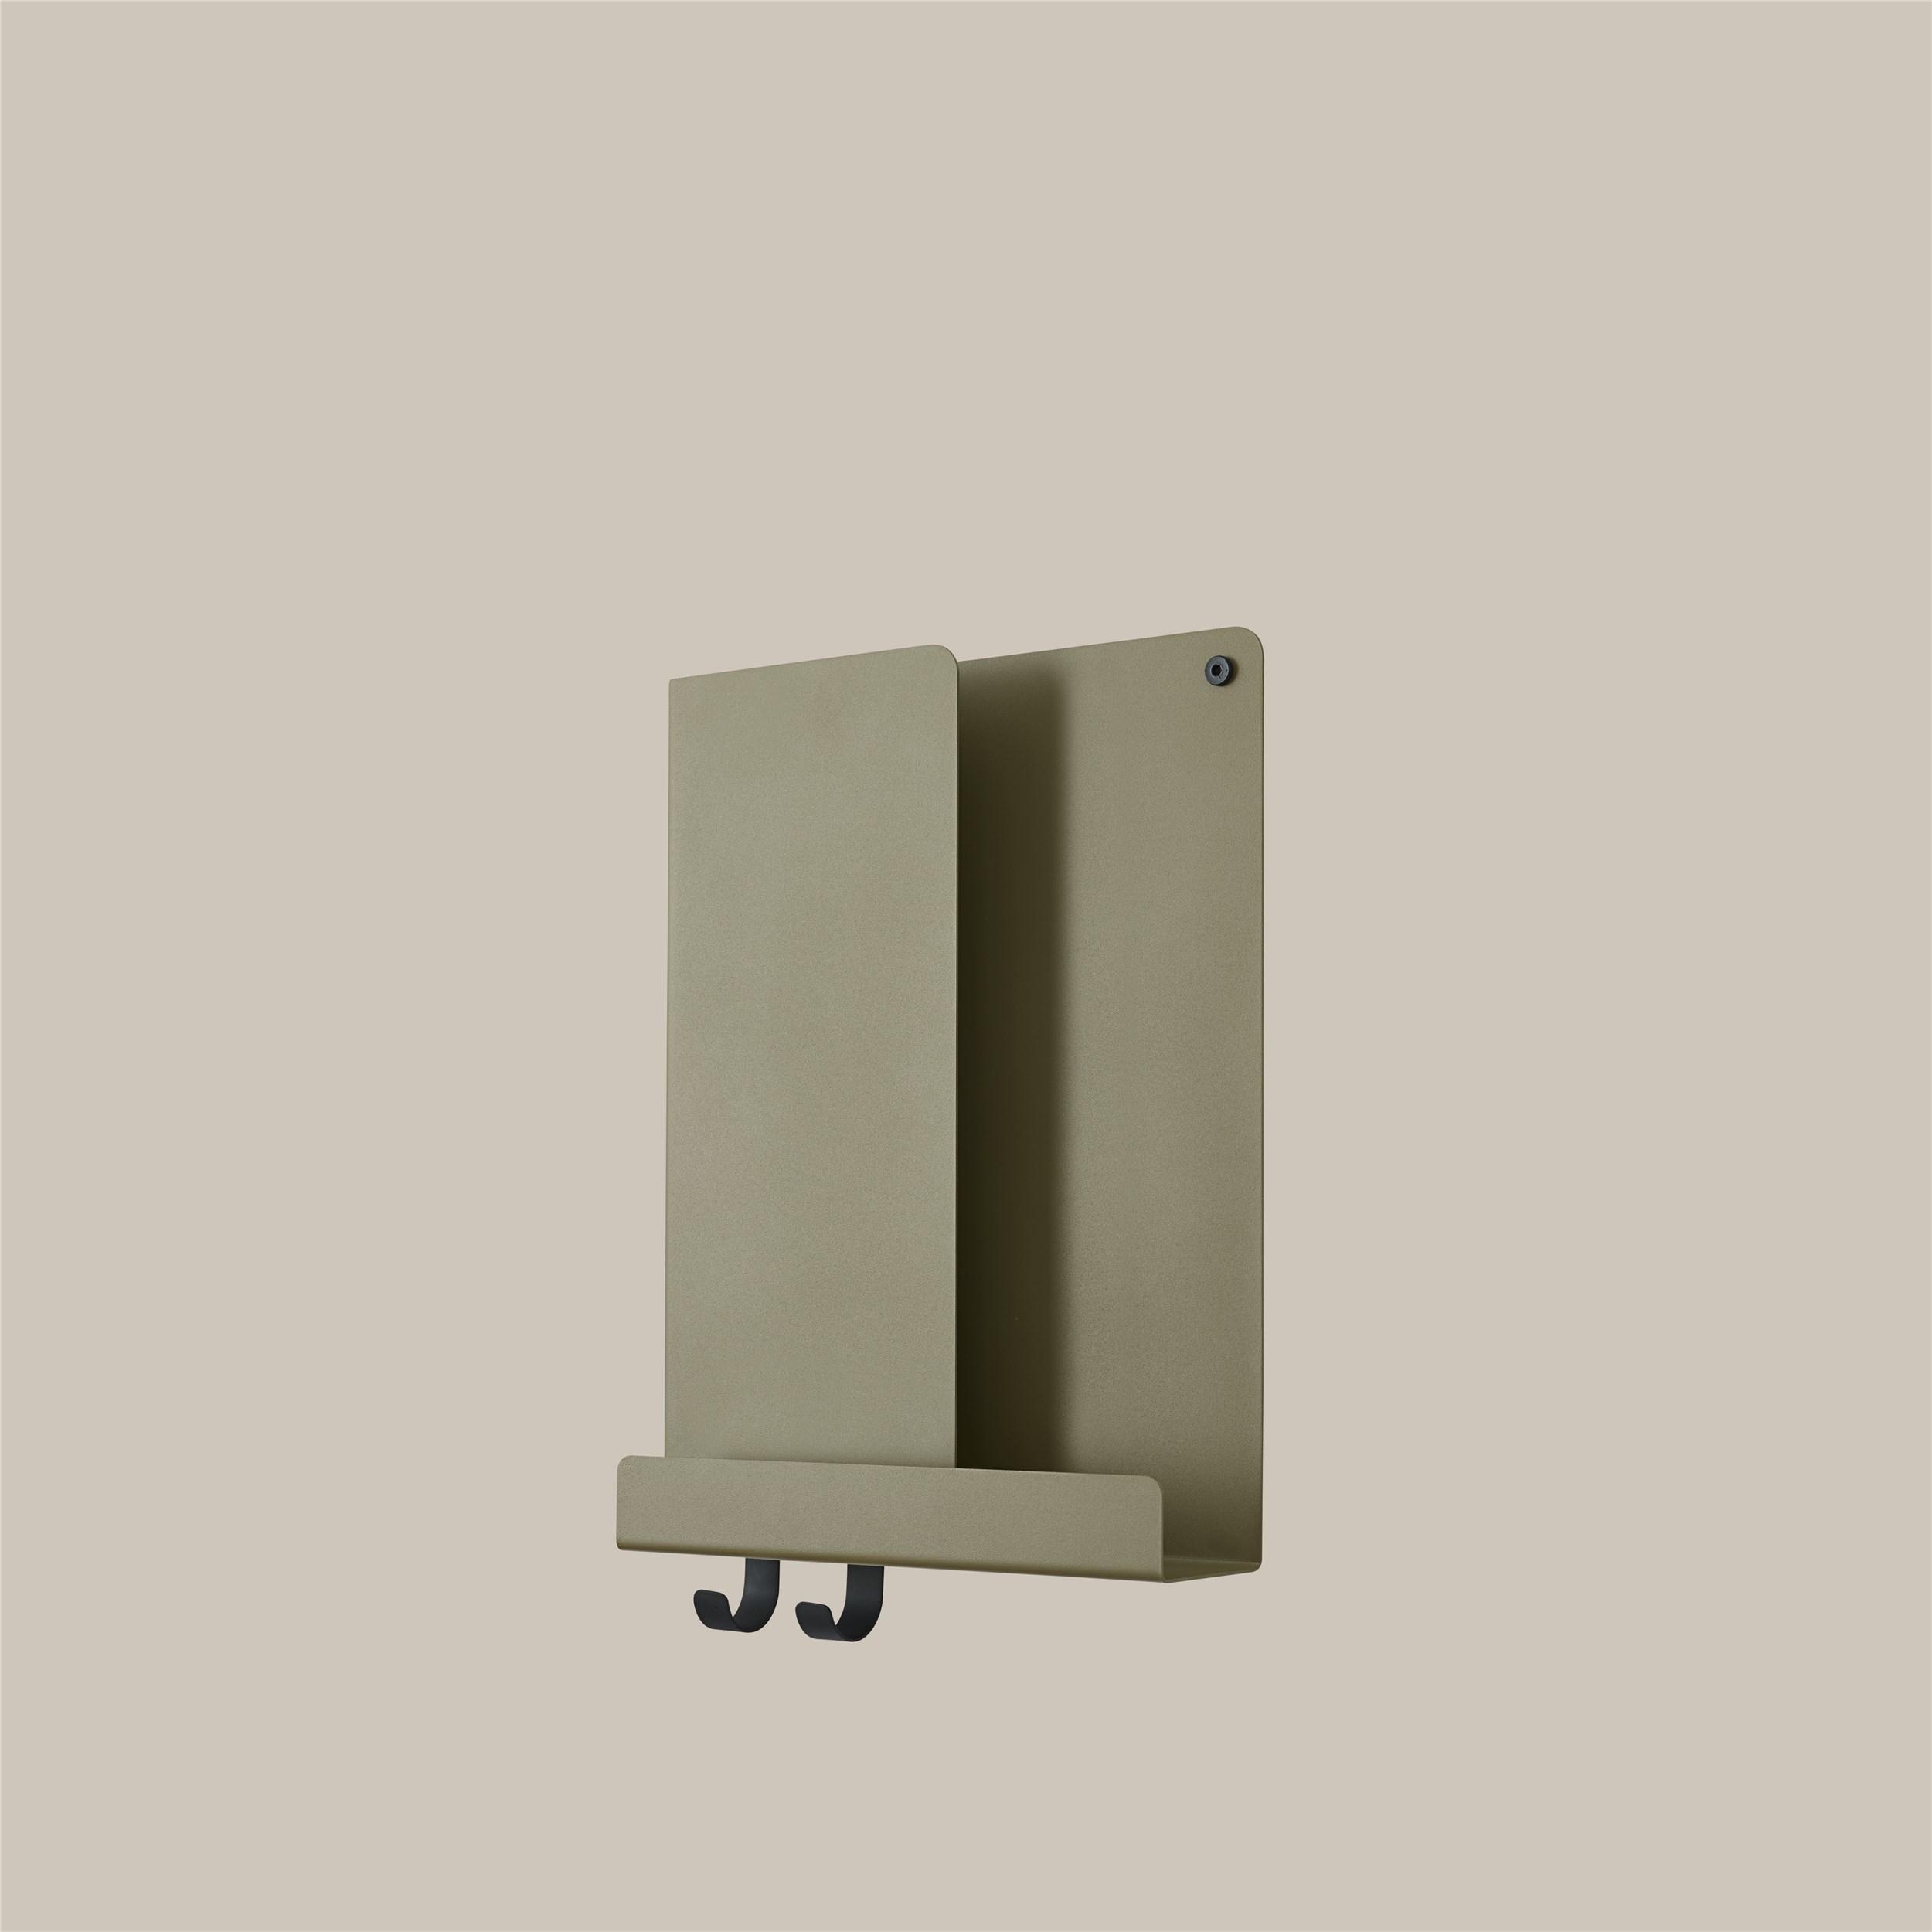 Muuto Folded Shelf olive 29,5cm